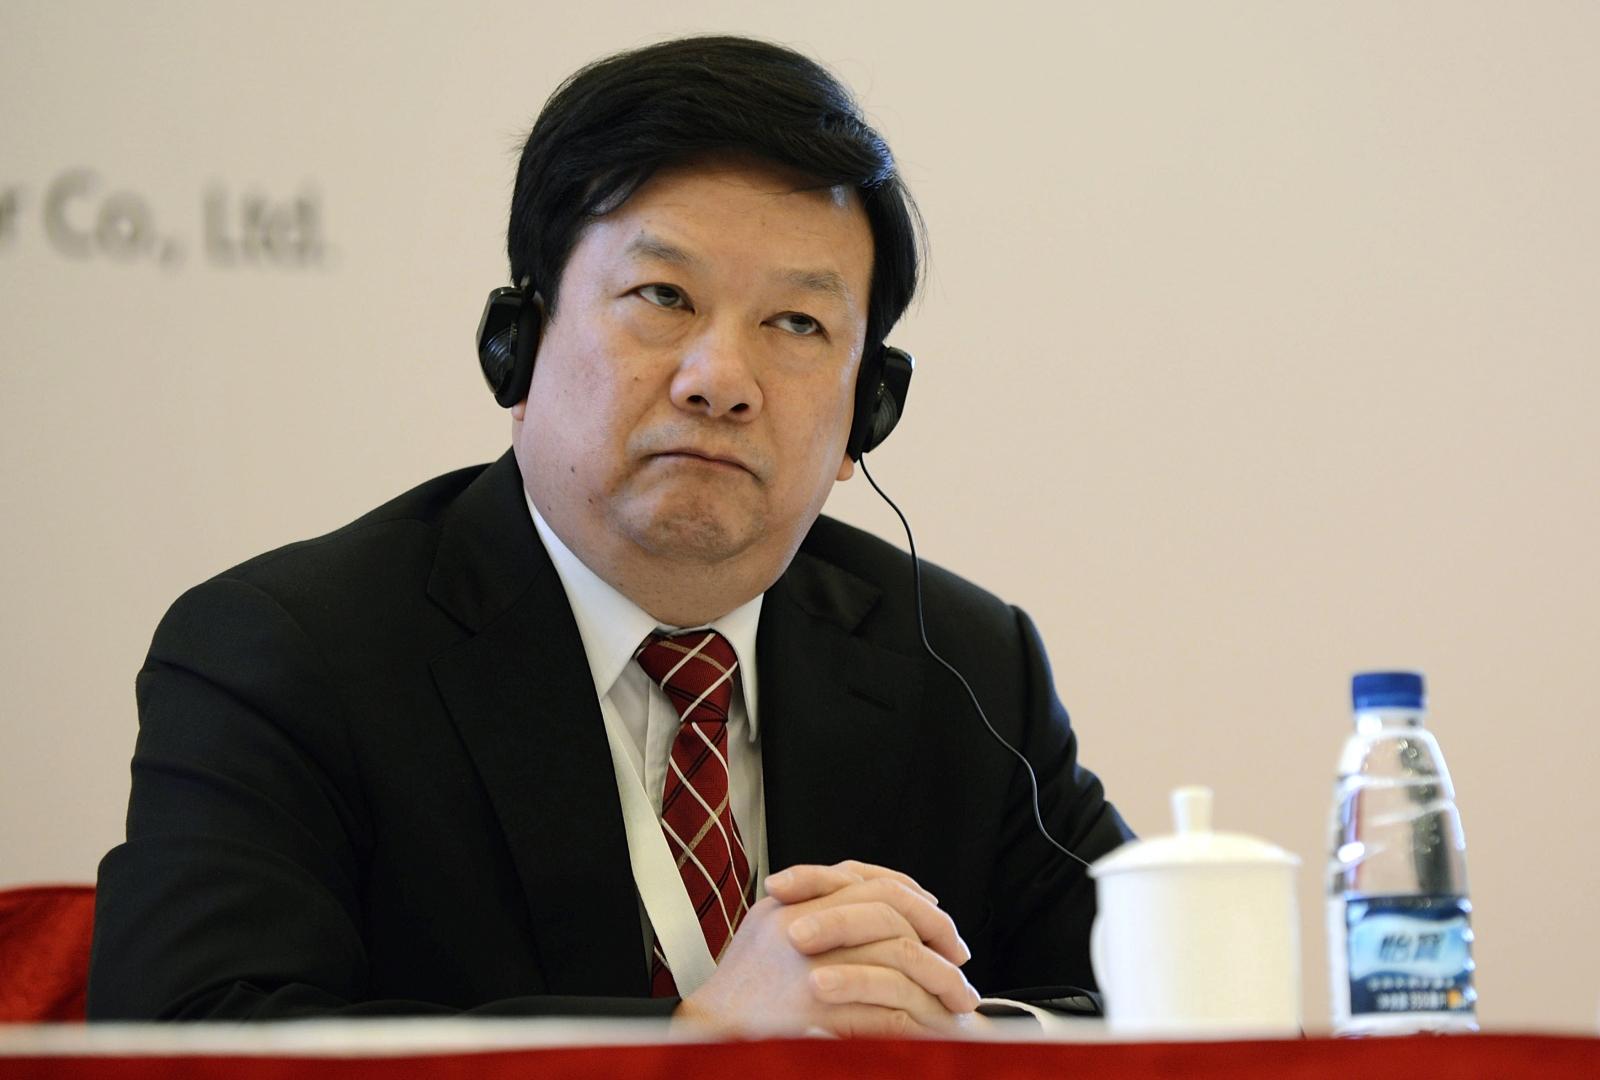 PetroChina Vice Chairman Liao Yongyuan